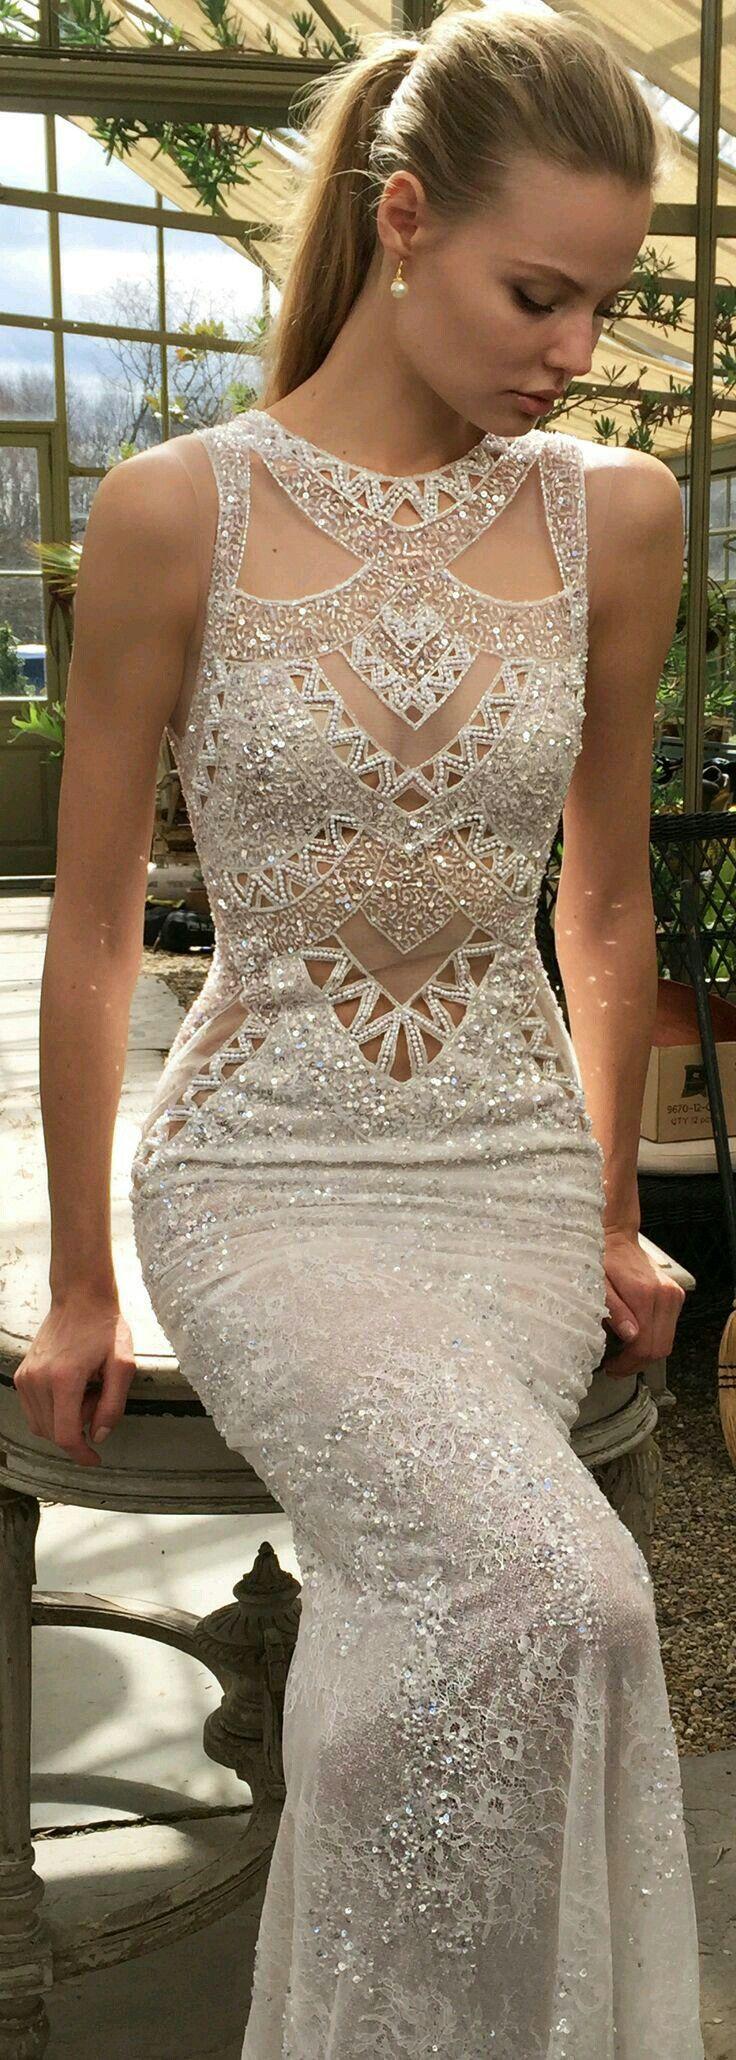 Pin von Eugenie davis auf Dresses | Pinterest | Abendkleider ...